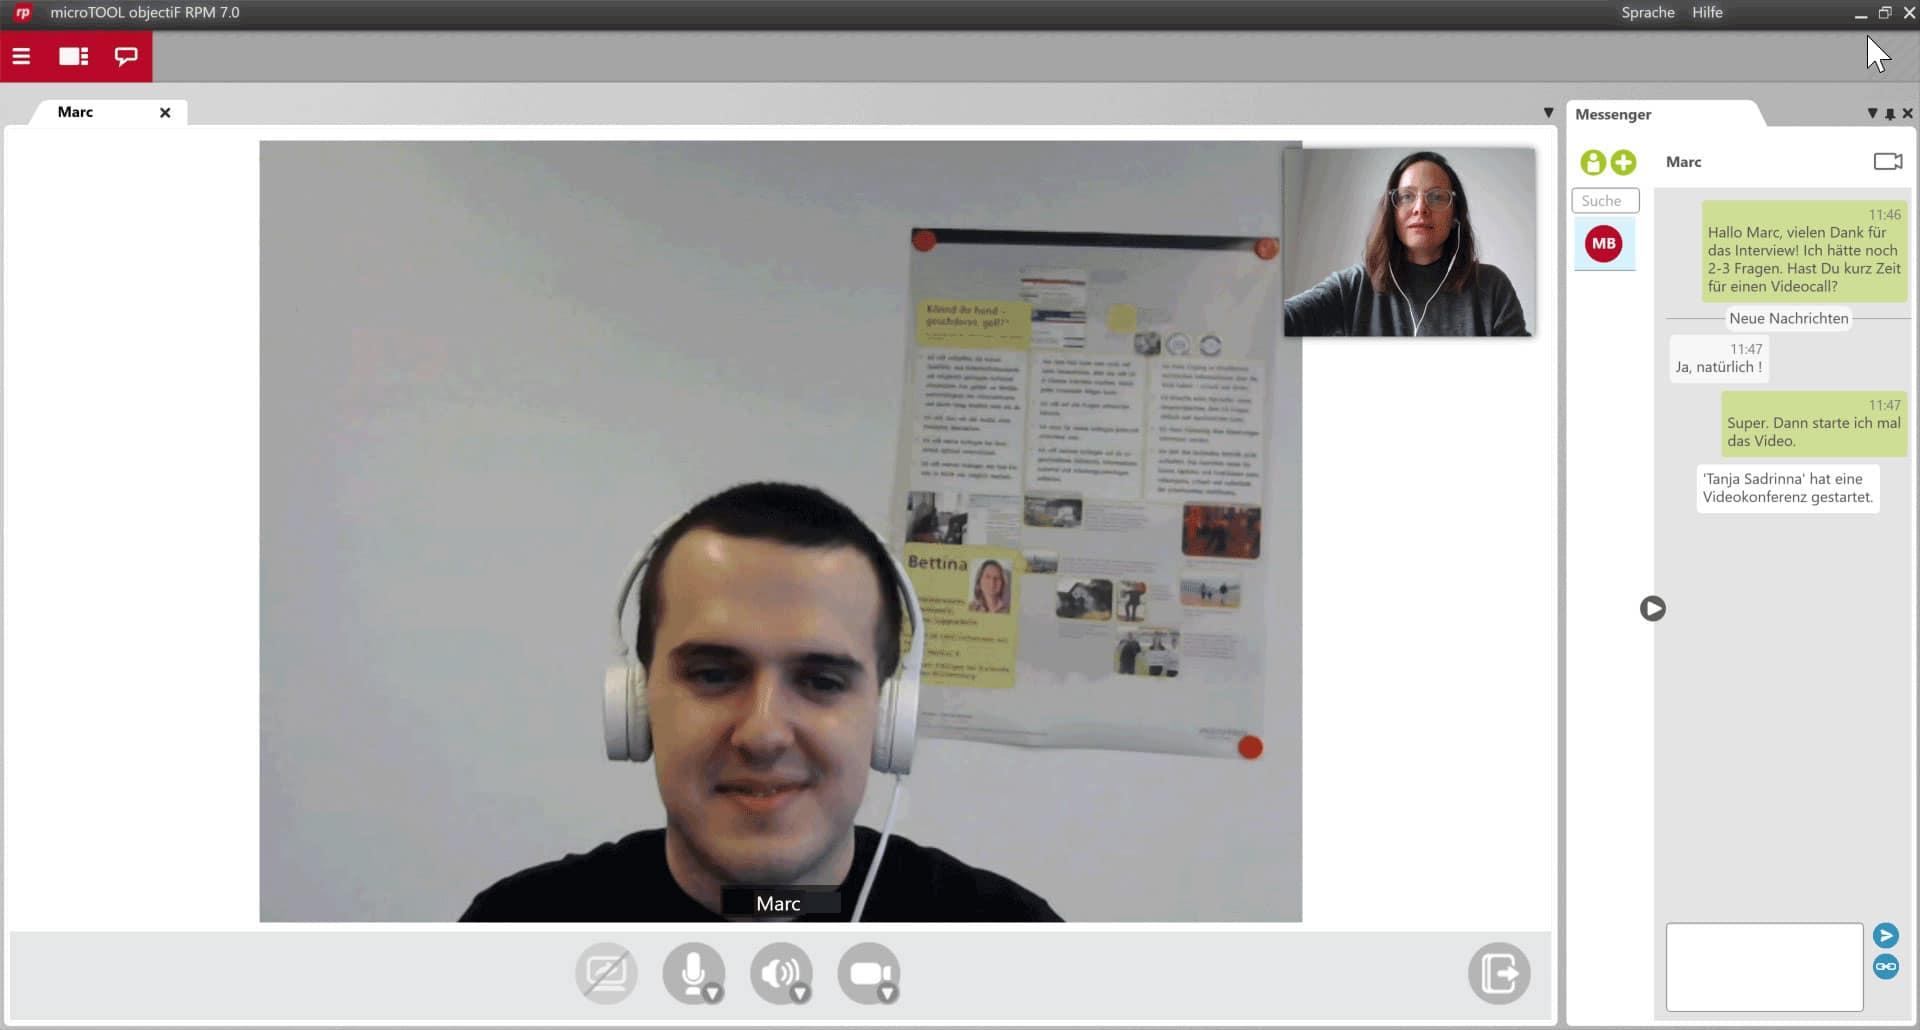 Videokonferenz und Chat in objectiF RPM